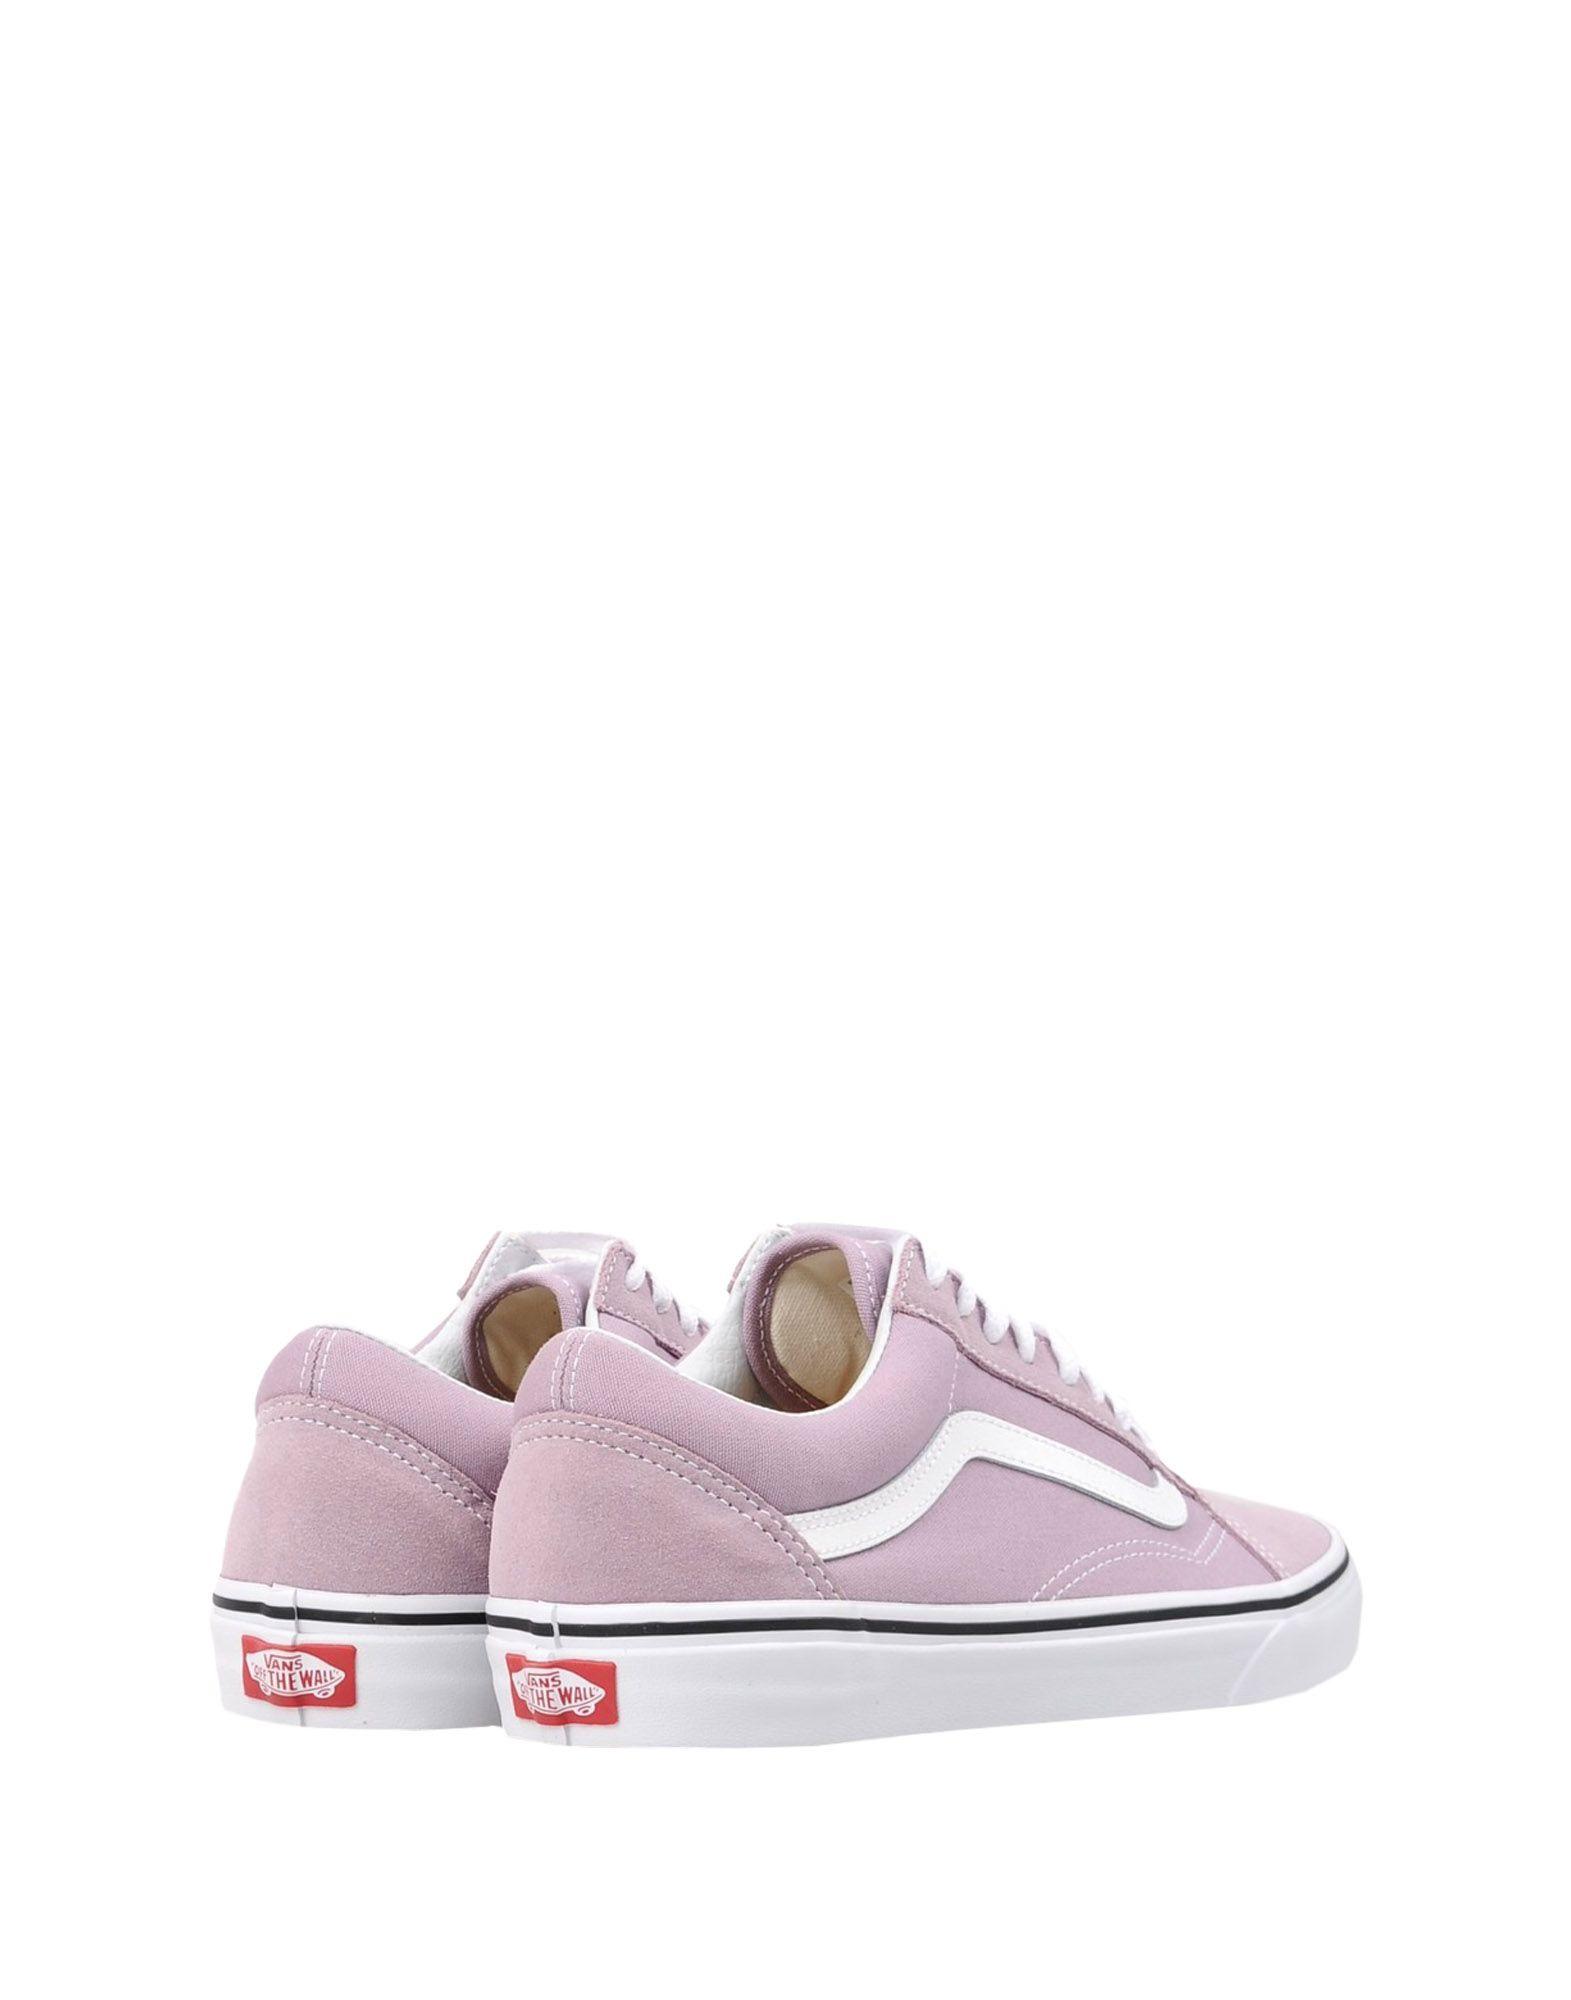 Sneakers Vans Ua Old Skool - Femme - Sneakers Vans sur